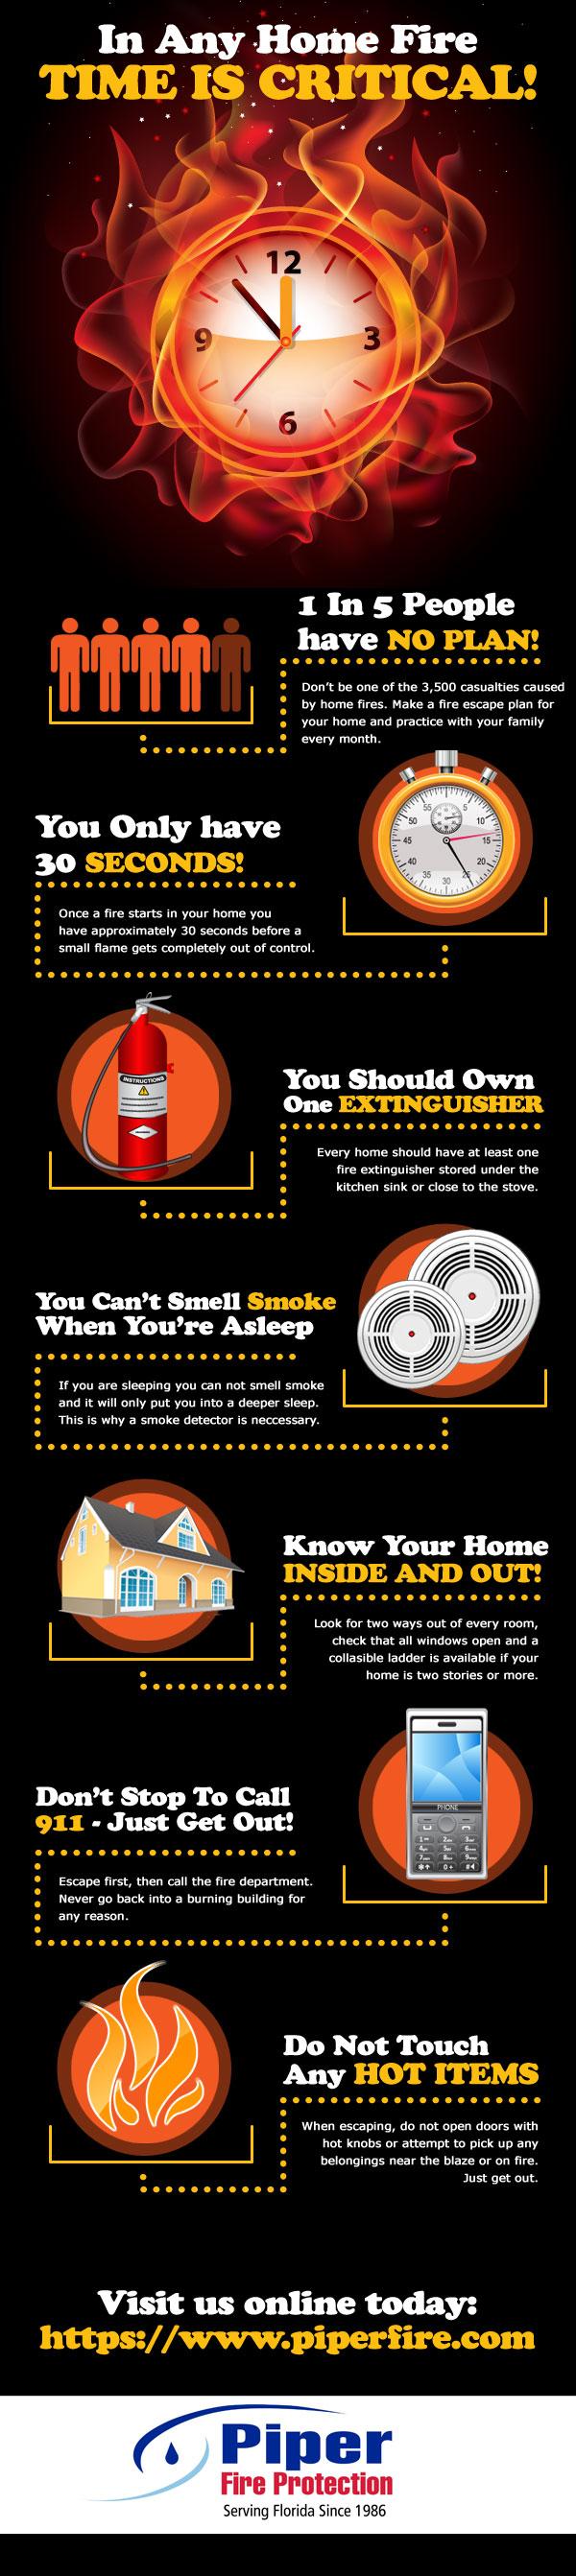 При любом пожаре в доме - время очень критично!